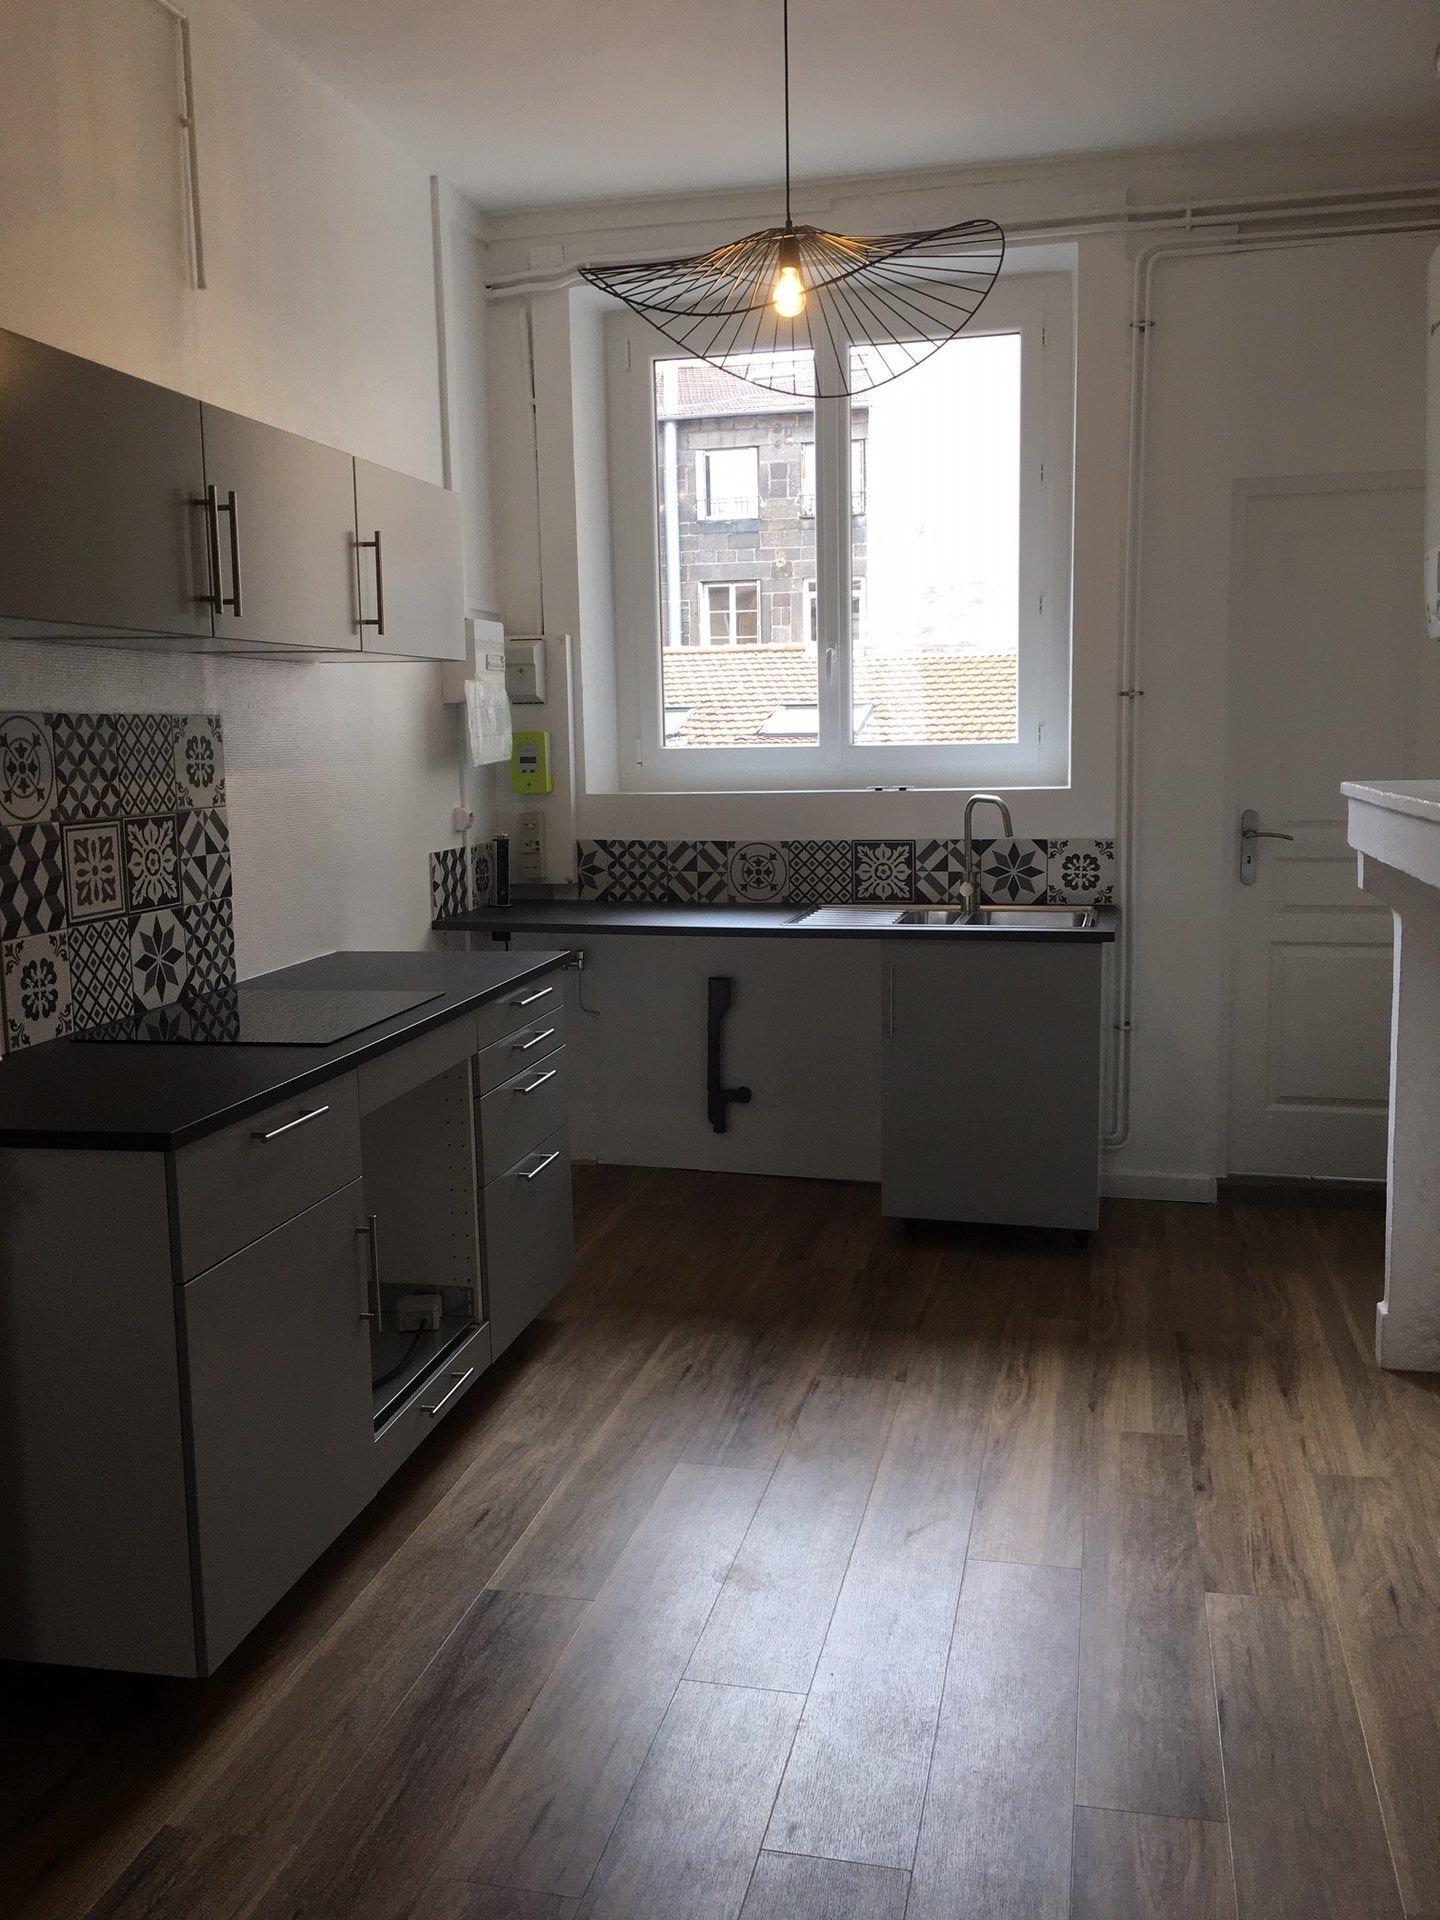 SAINT-ETIENNE - Appartement T3 de 79 m² rénové